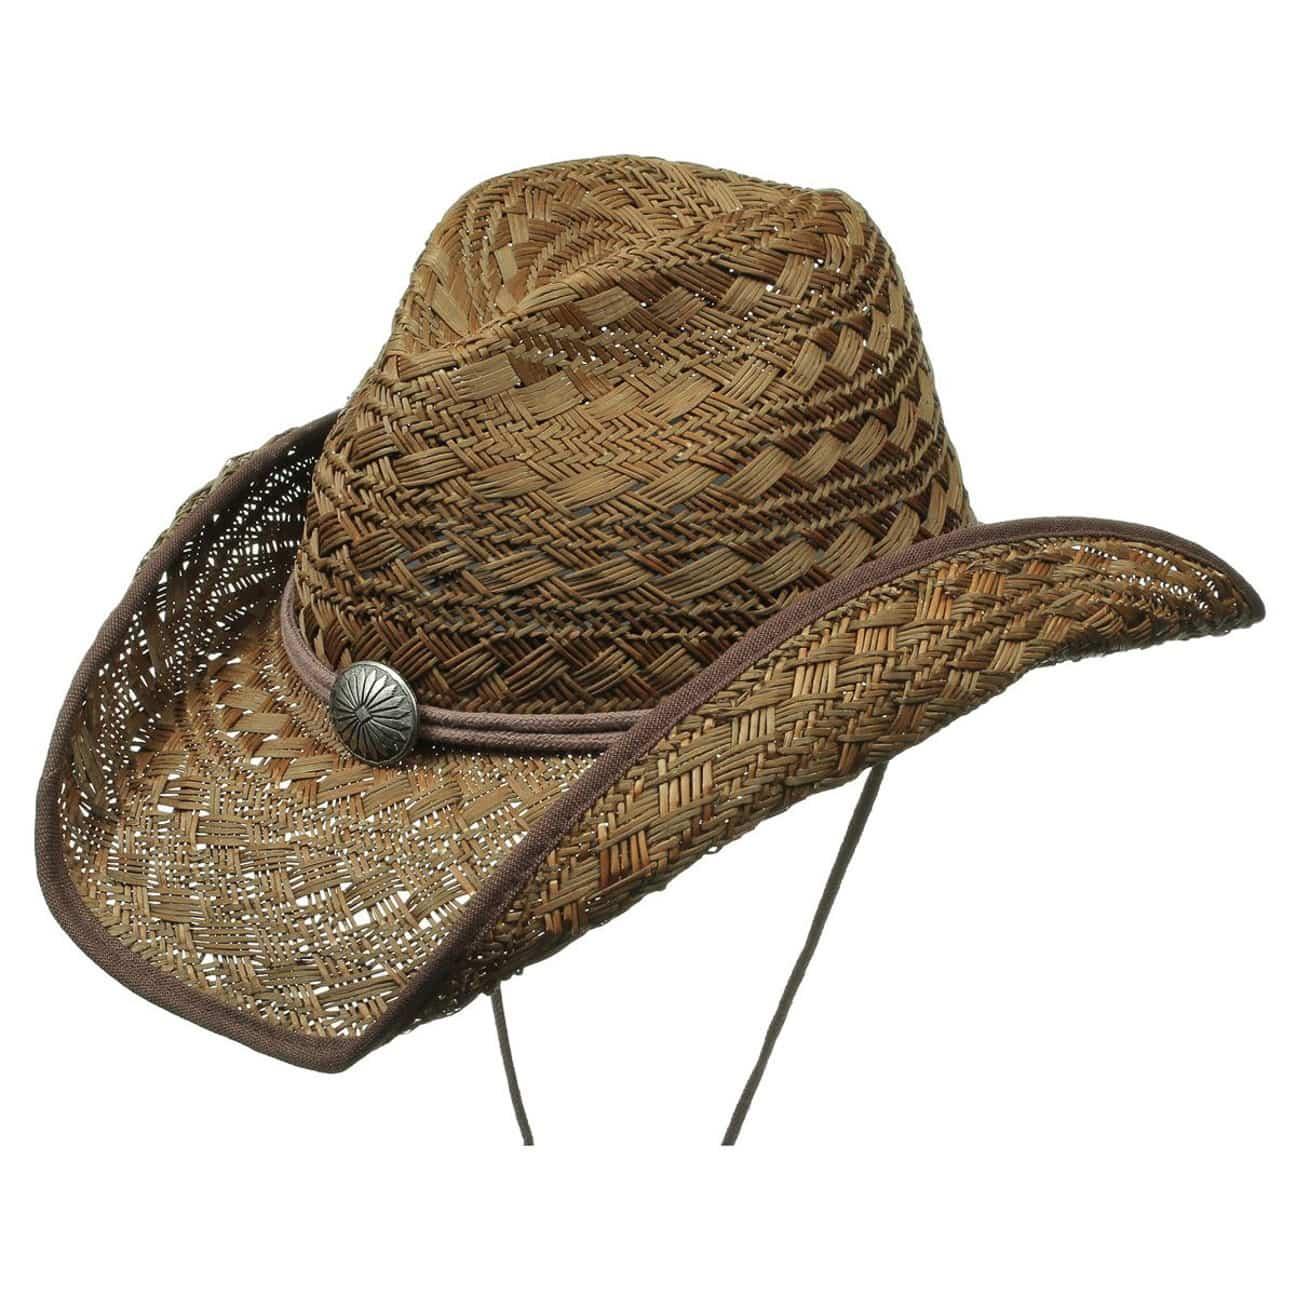 25b9bb96fa908 Sombrero de Paja Cowboy Minnesota - Sombreros - sombreroshop.es